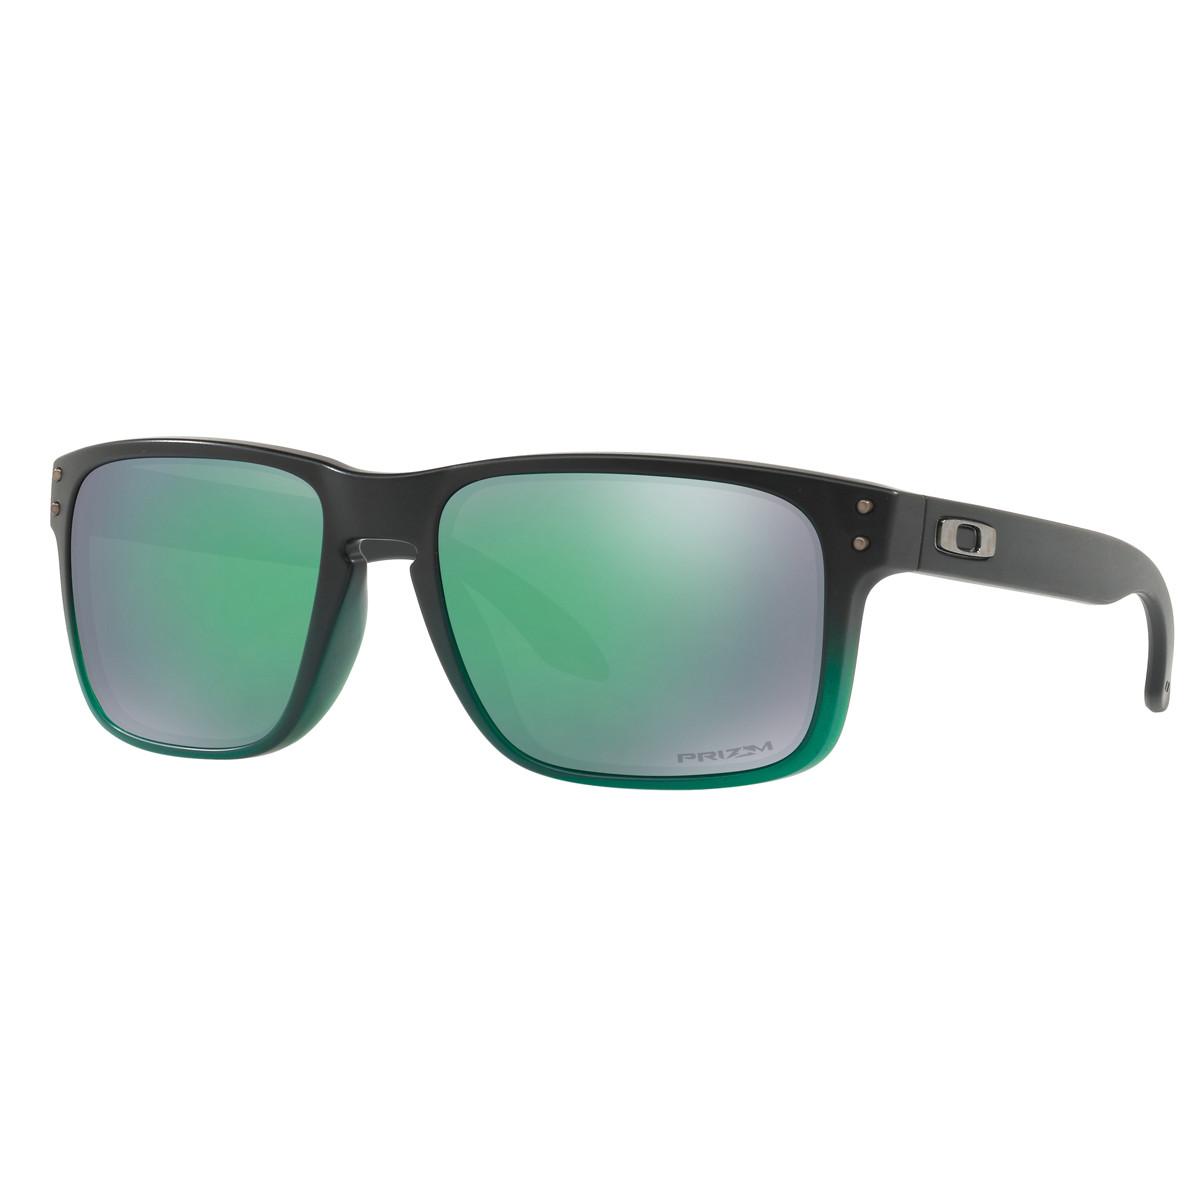 c59f73acfd8e3 Óculos Oakley Holbrook Jade Fade  Lente Prizm Jade Iridium ref OO9102-E4